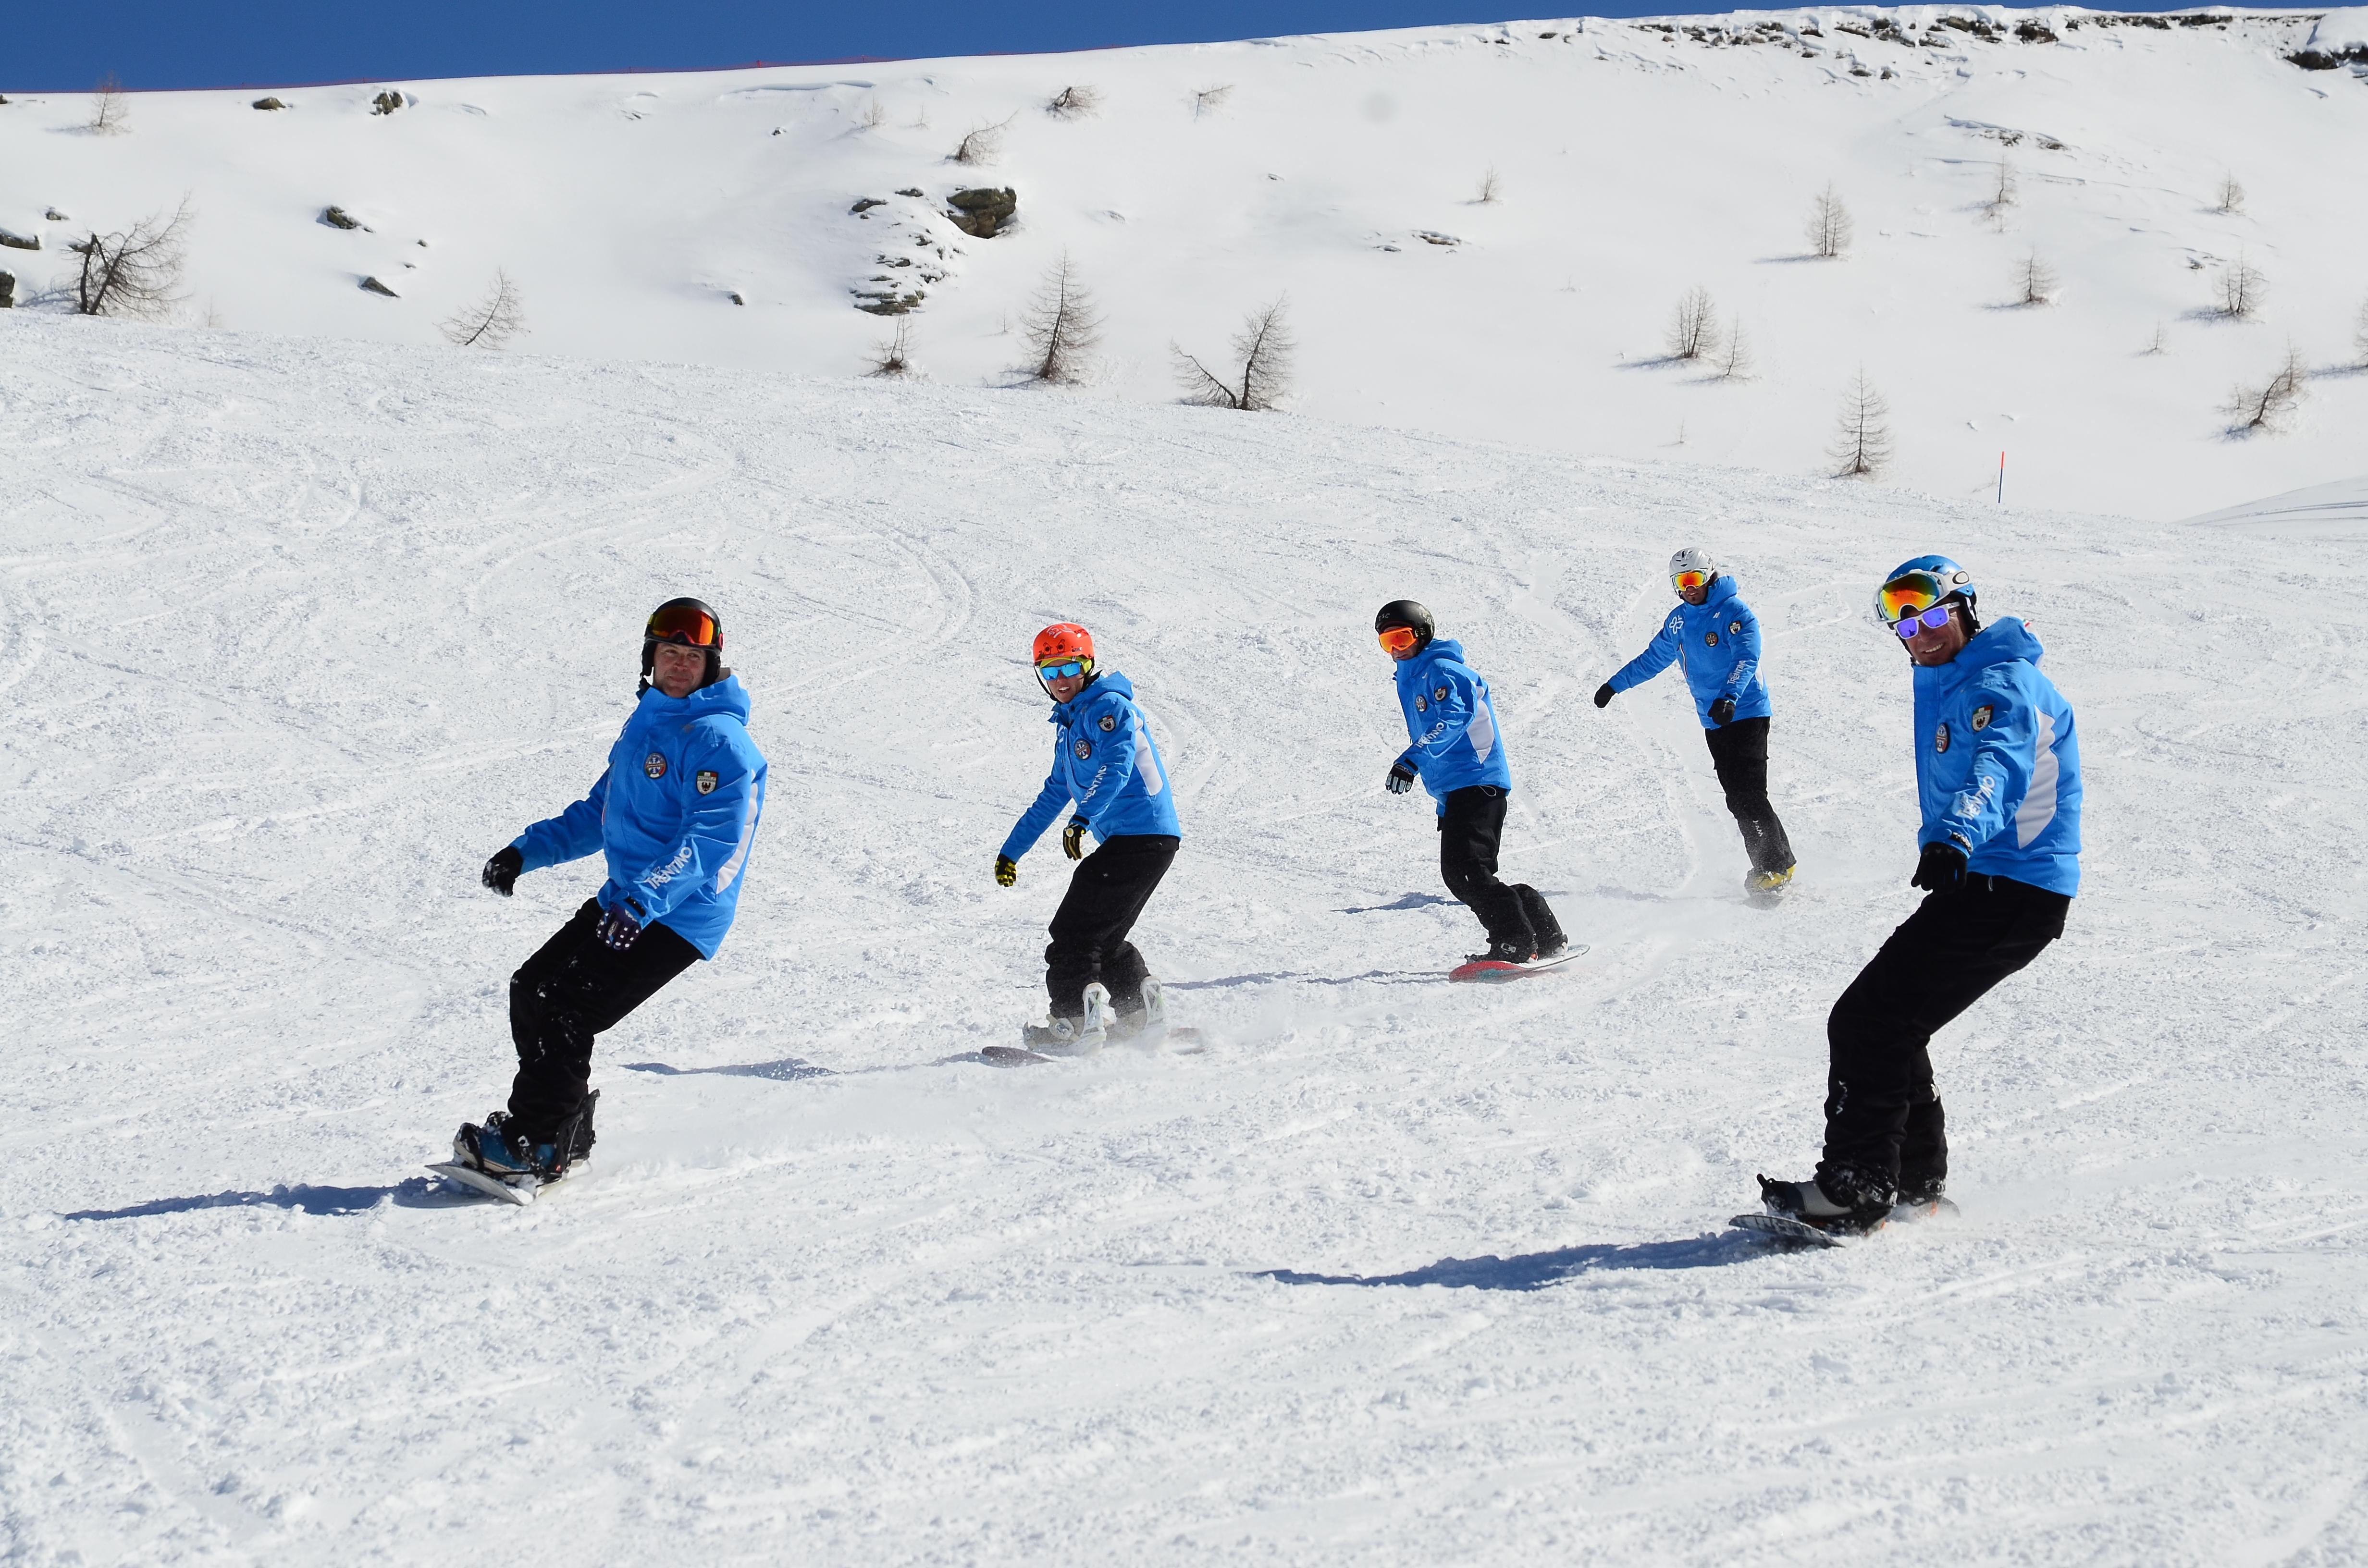 Lezioni di snowboard per adulti e bambini alla scuola sci di san martino - Costruire tavola da snowboard ...